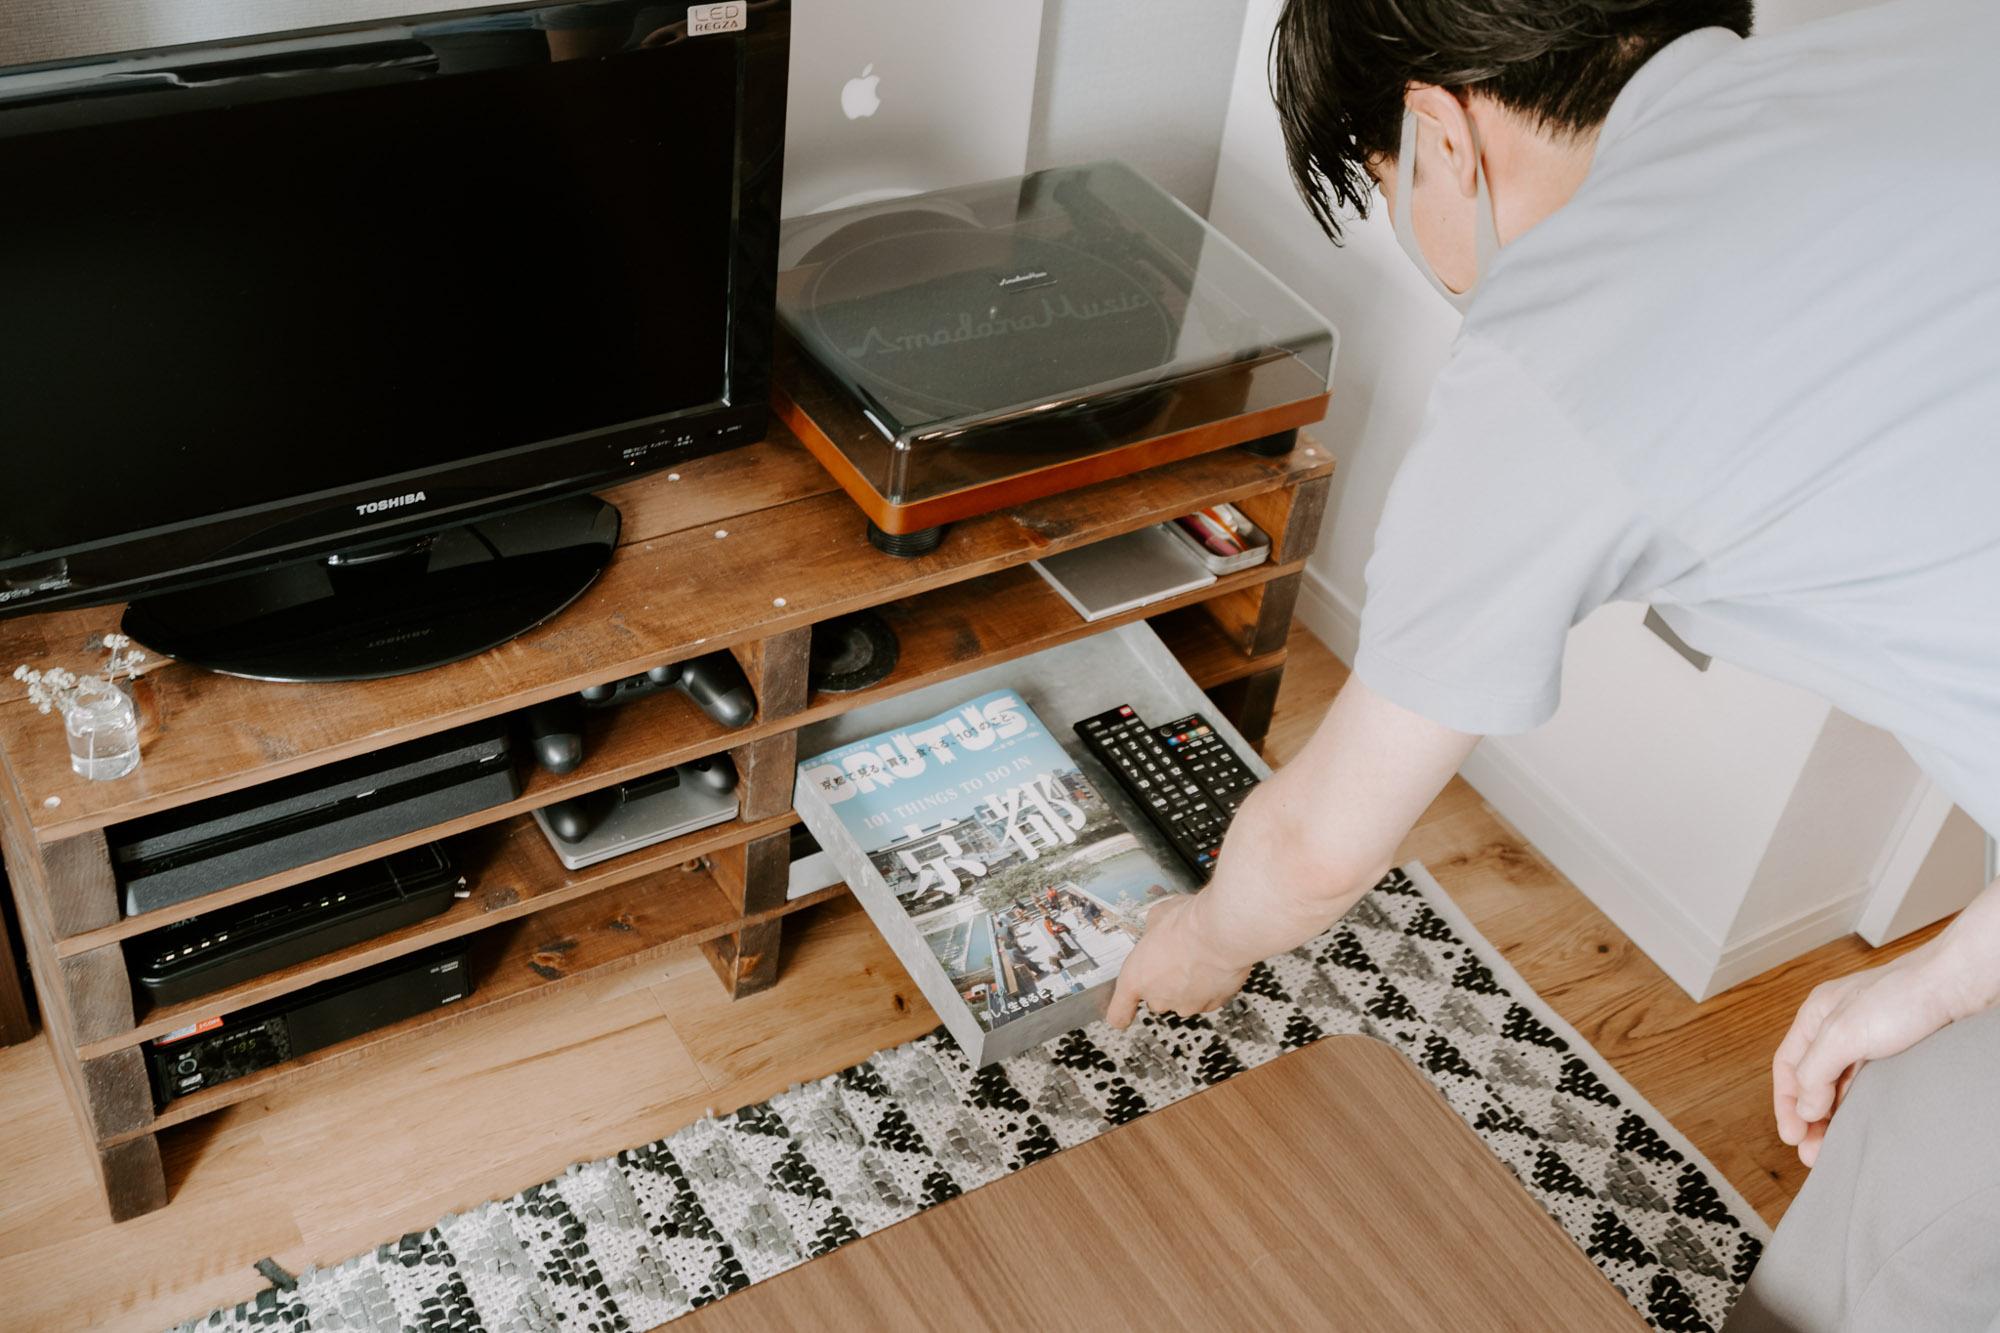 例えば、たまたま見つけたというインド製のトタントレーは、テレビボードの隙間にジャストフィット。